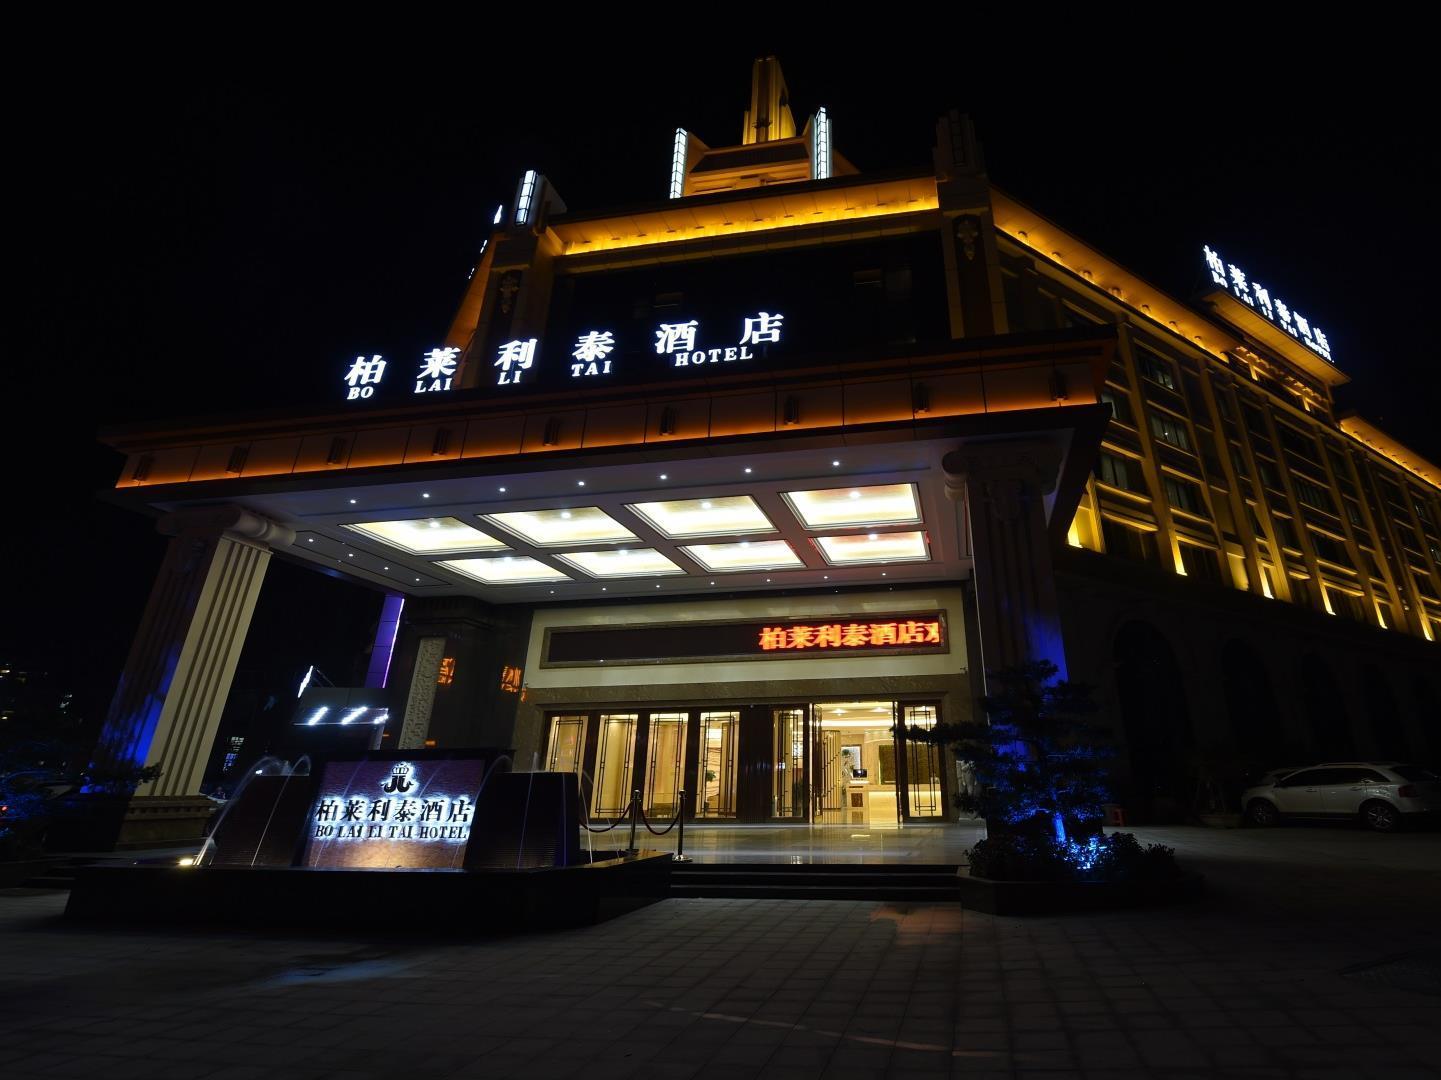 Bolailitai Hotel